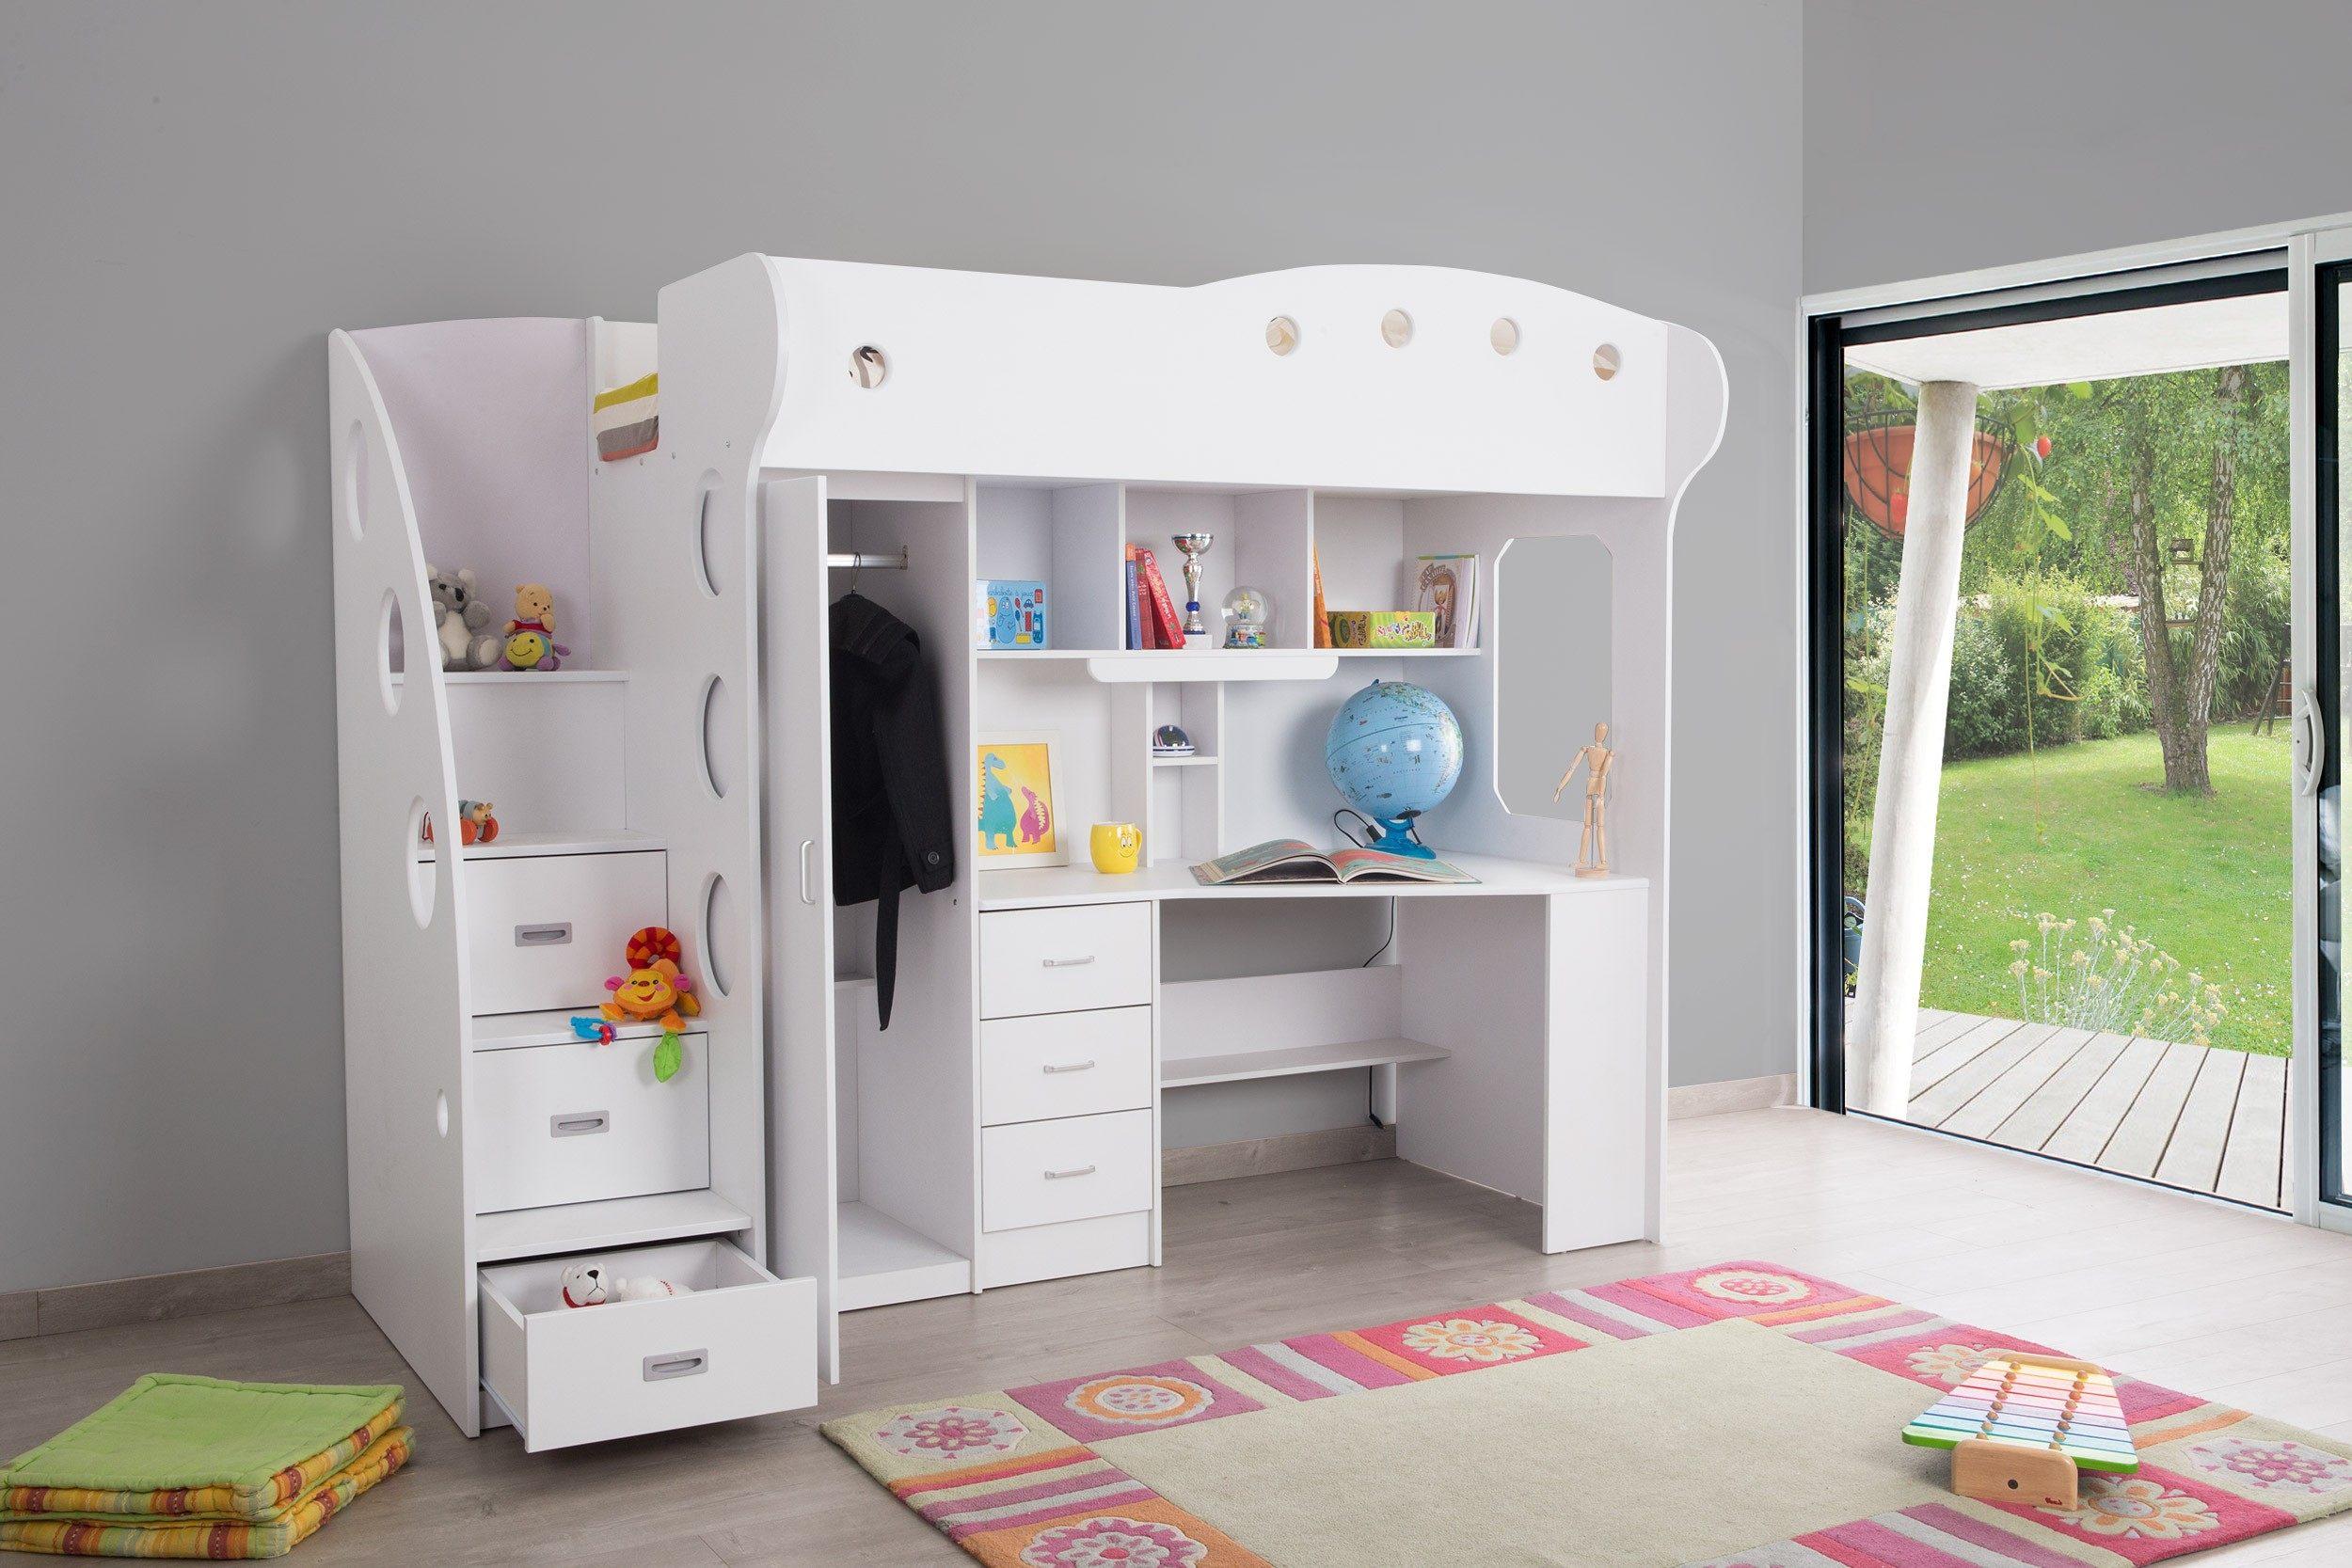 Lit Superposé Gain De Place Frais Charmant Chambre Enfant Lit Superposé Et Lit Bine Ikea Maison Design